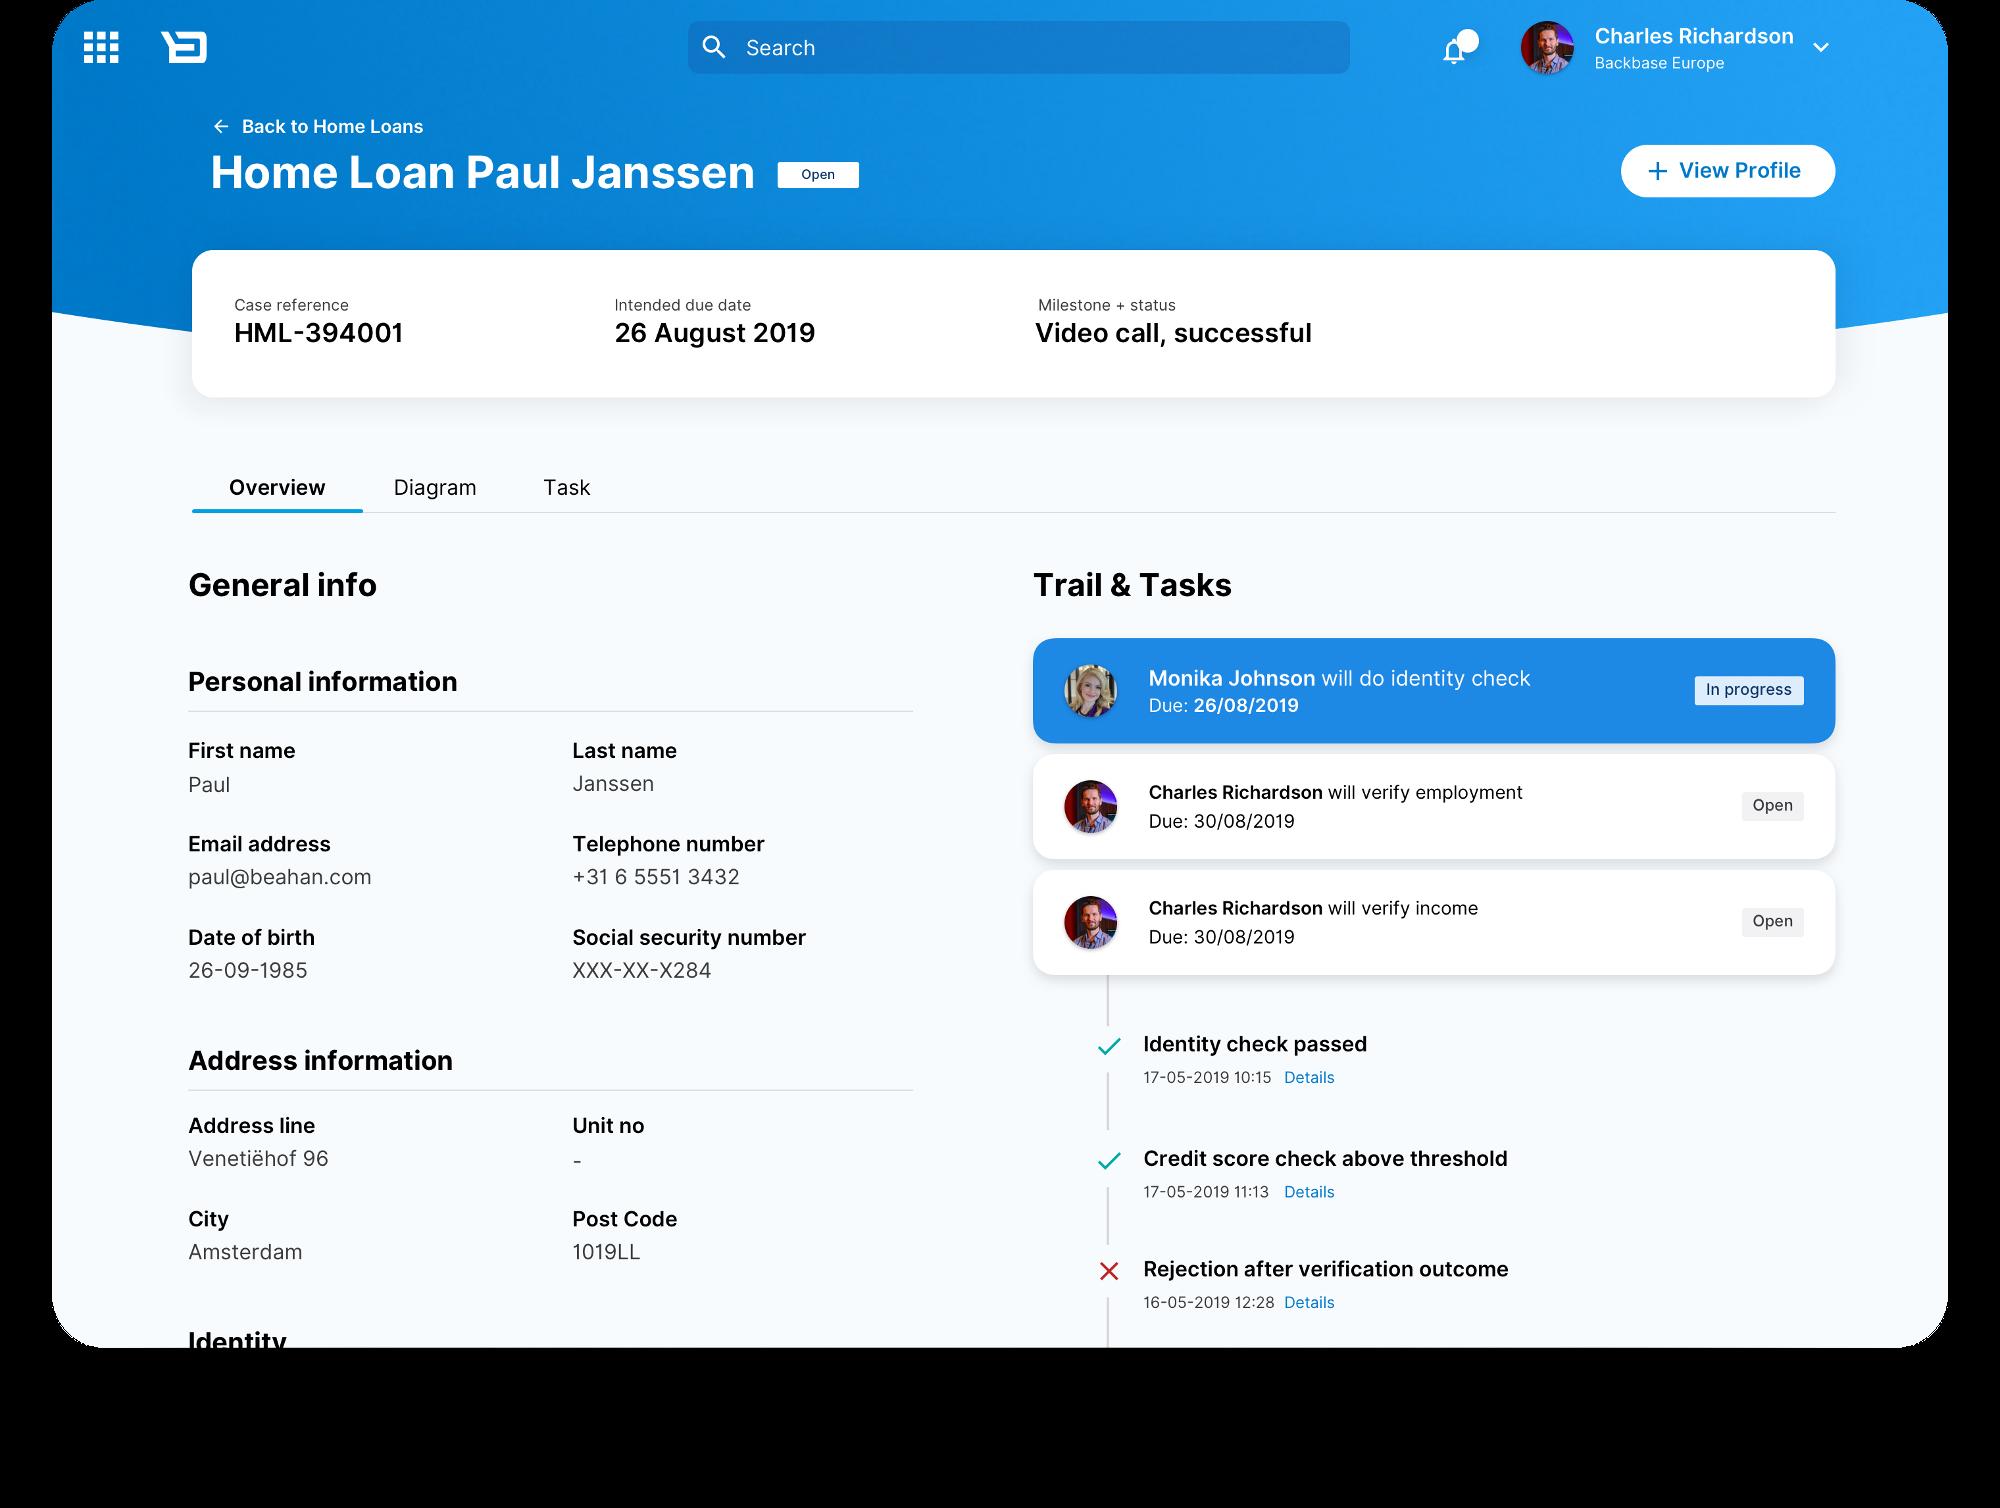 backbase-employee-app-case-overview3